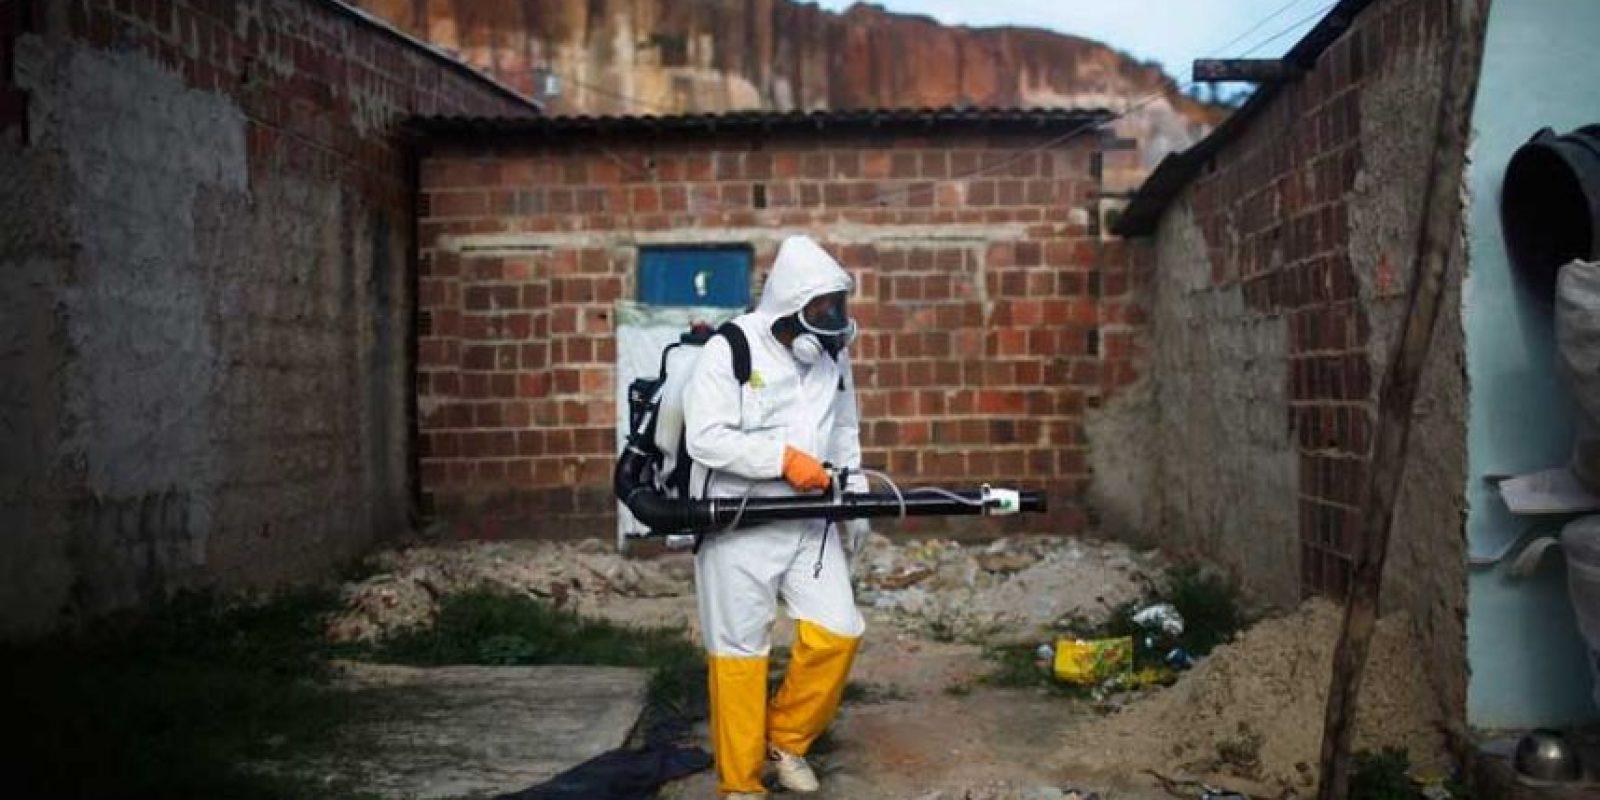 Brasil está en alerta sanitaria no sólo por el zika, sino también por la chikungunya y el dengue. En diciembre de 2015, la cifra de infectados por el virus del zika era de 1.58 millones, mientras que en el primer trimestre de 2016 se reportaron 90 mil casos. Foto:Getty Images